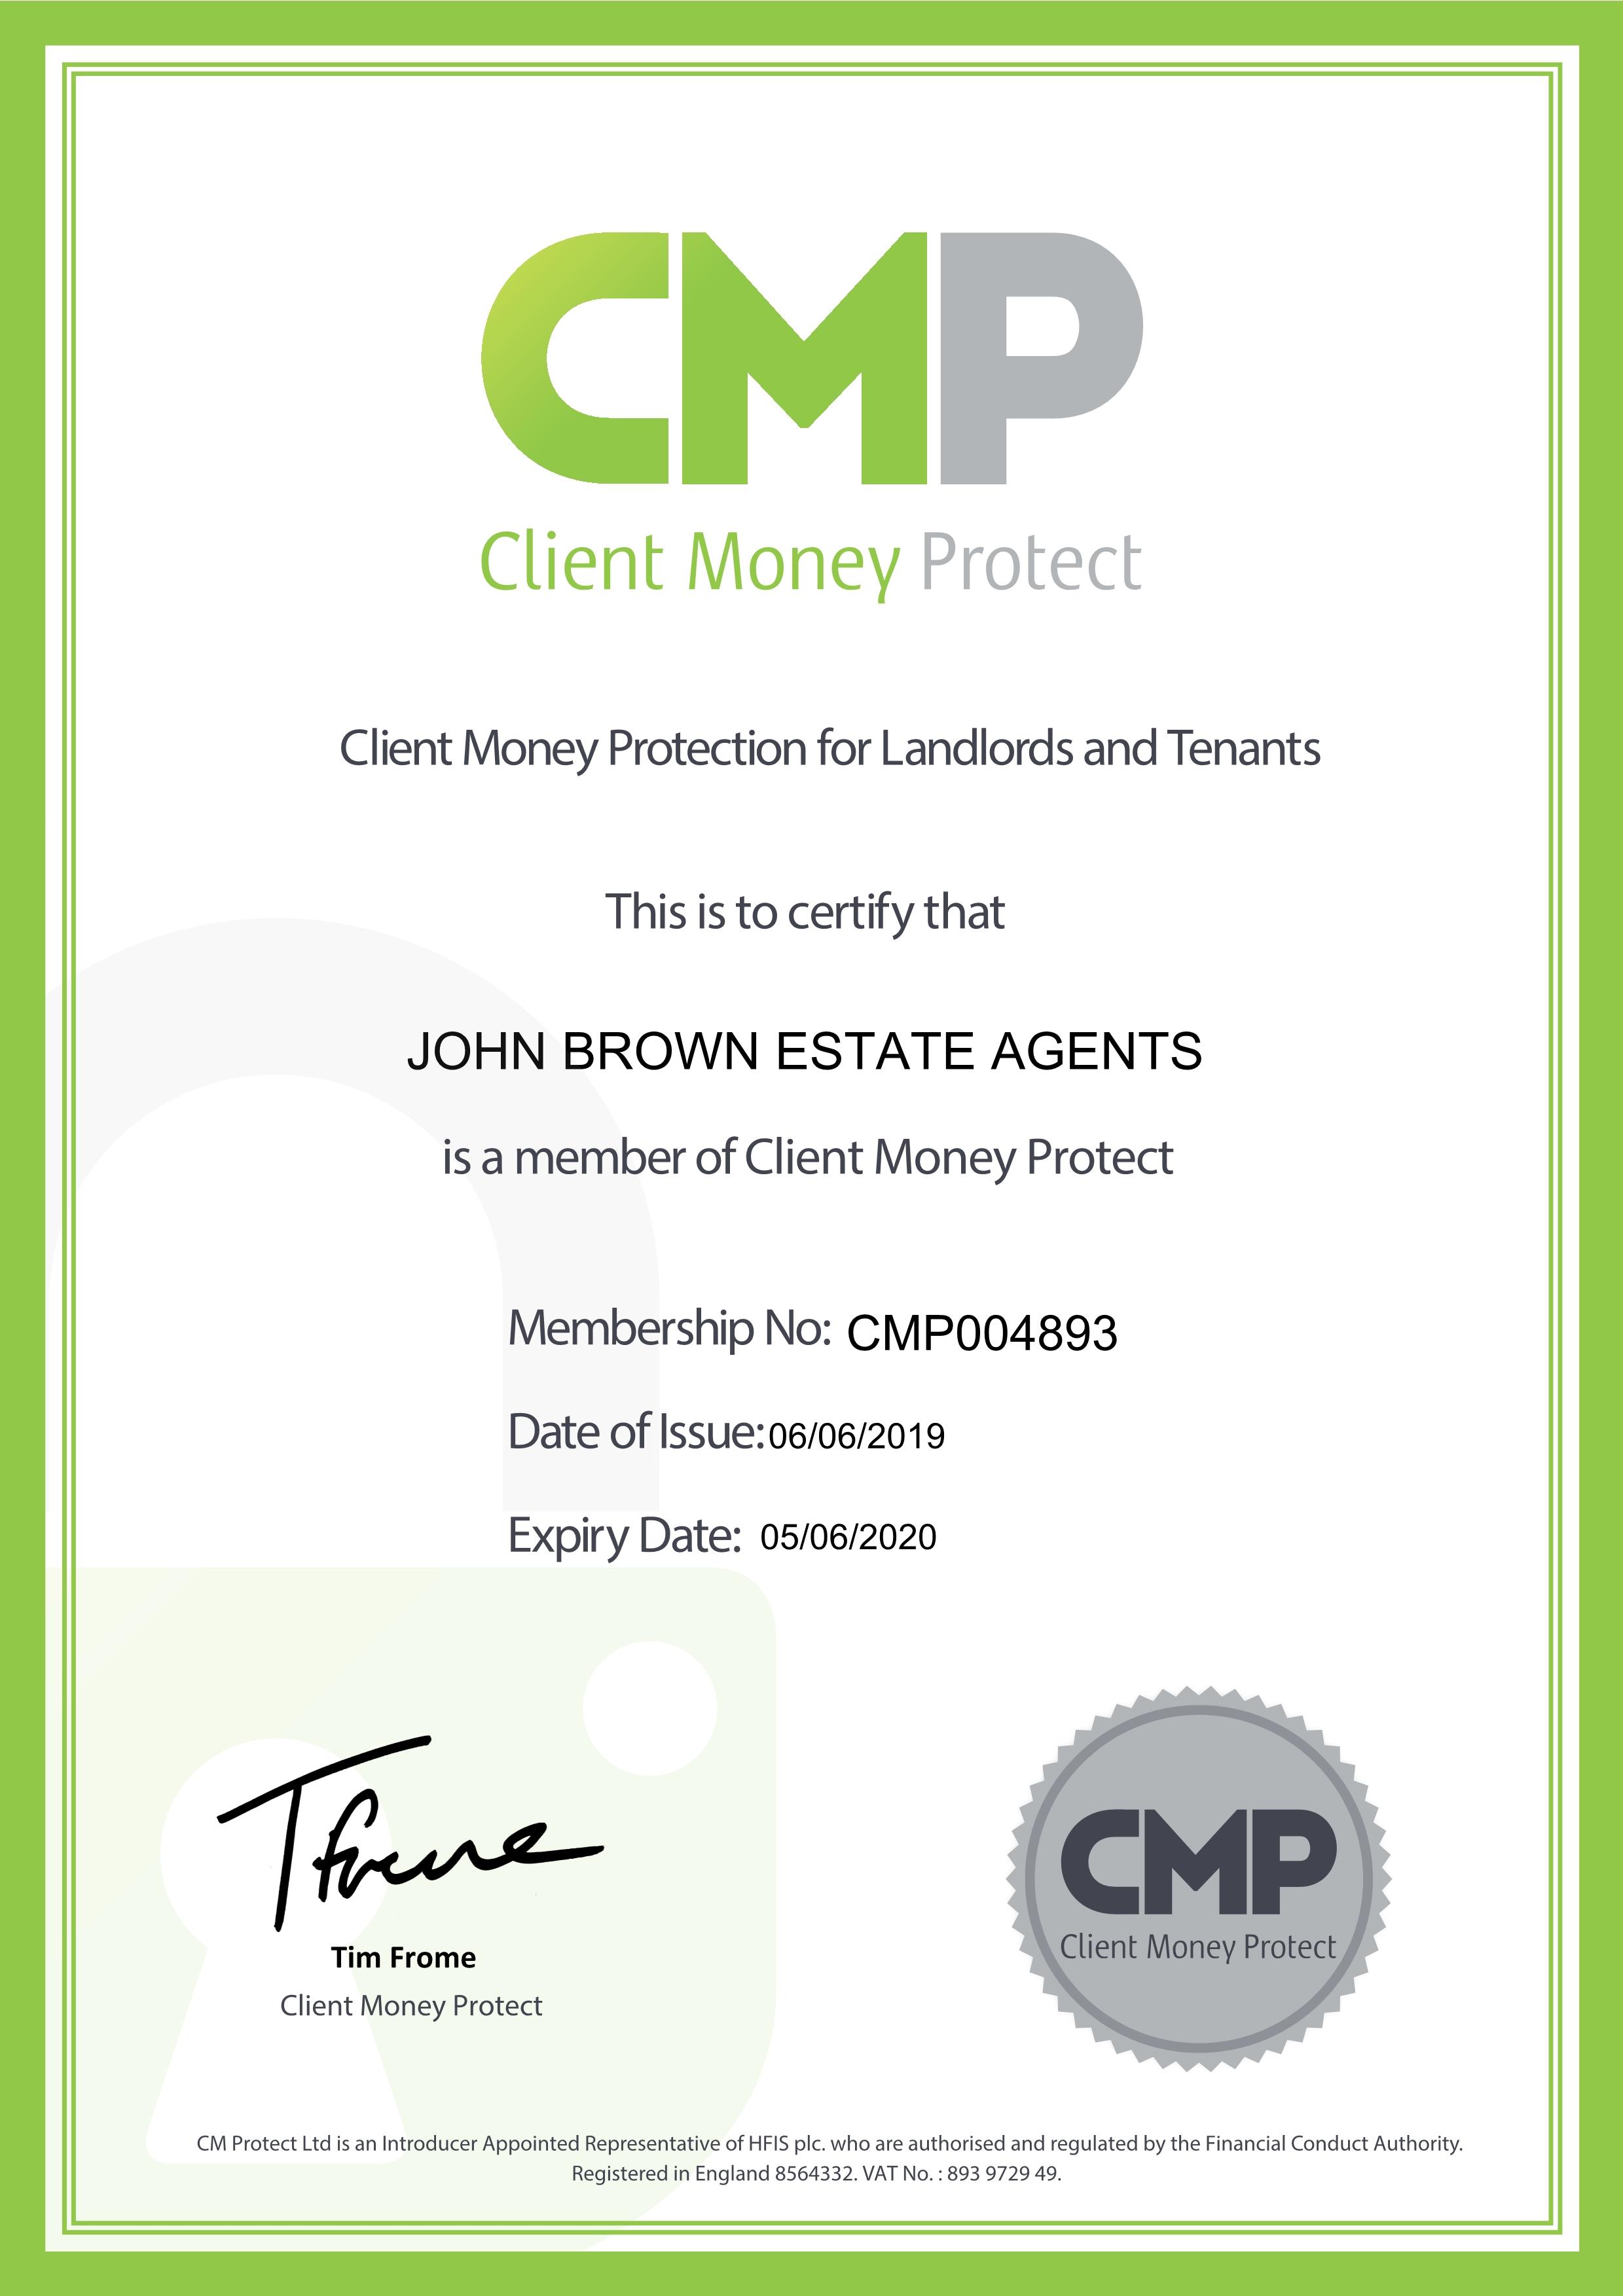 cmp_membership_certificate